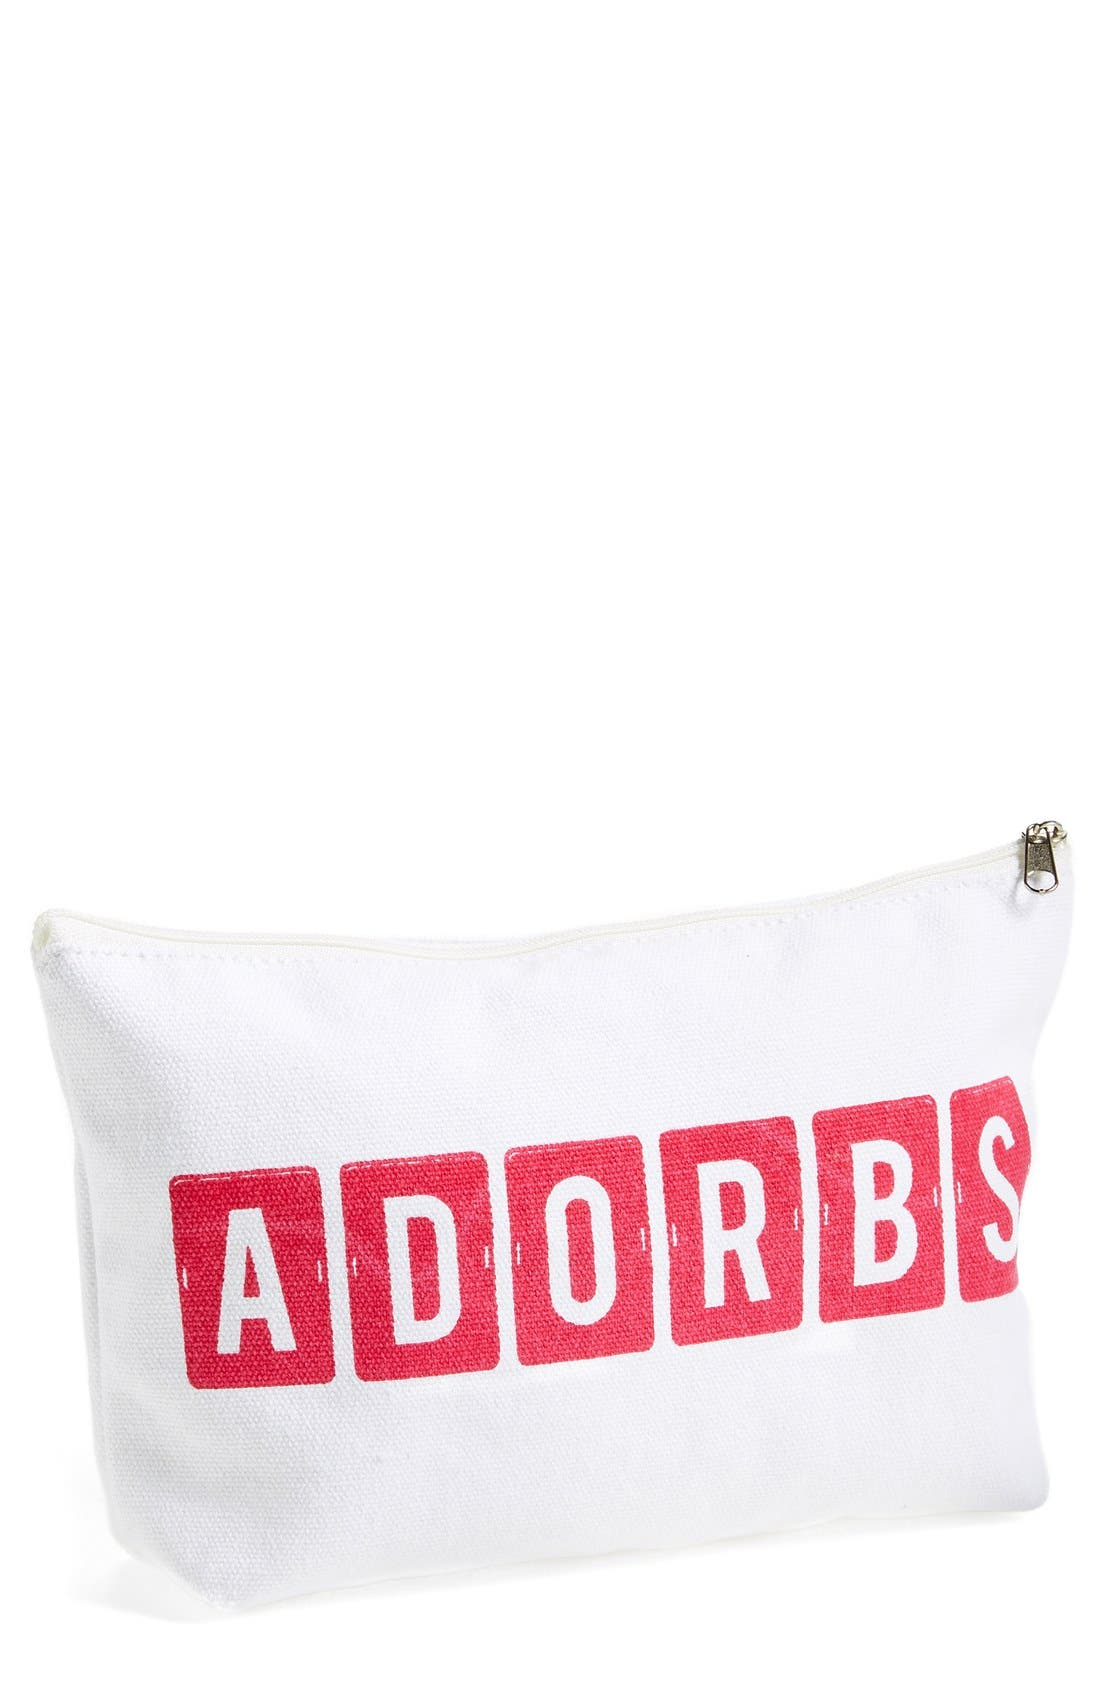 'Adorbs' Zip Top Accessory Bag,                         Main,                         color, 100